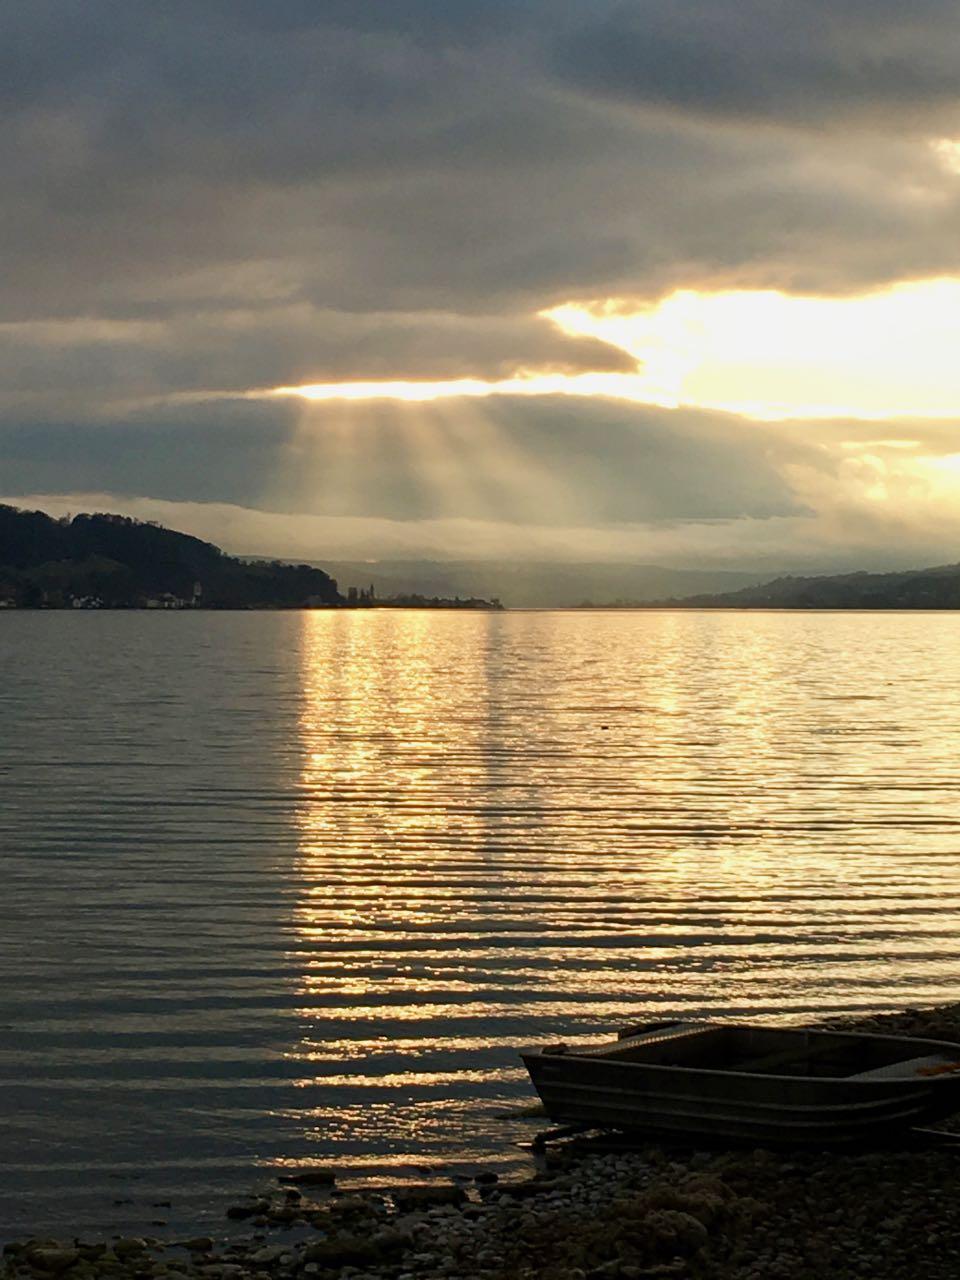 Sonne strahlt zwischen den Wolken hindurch am Bodensee